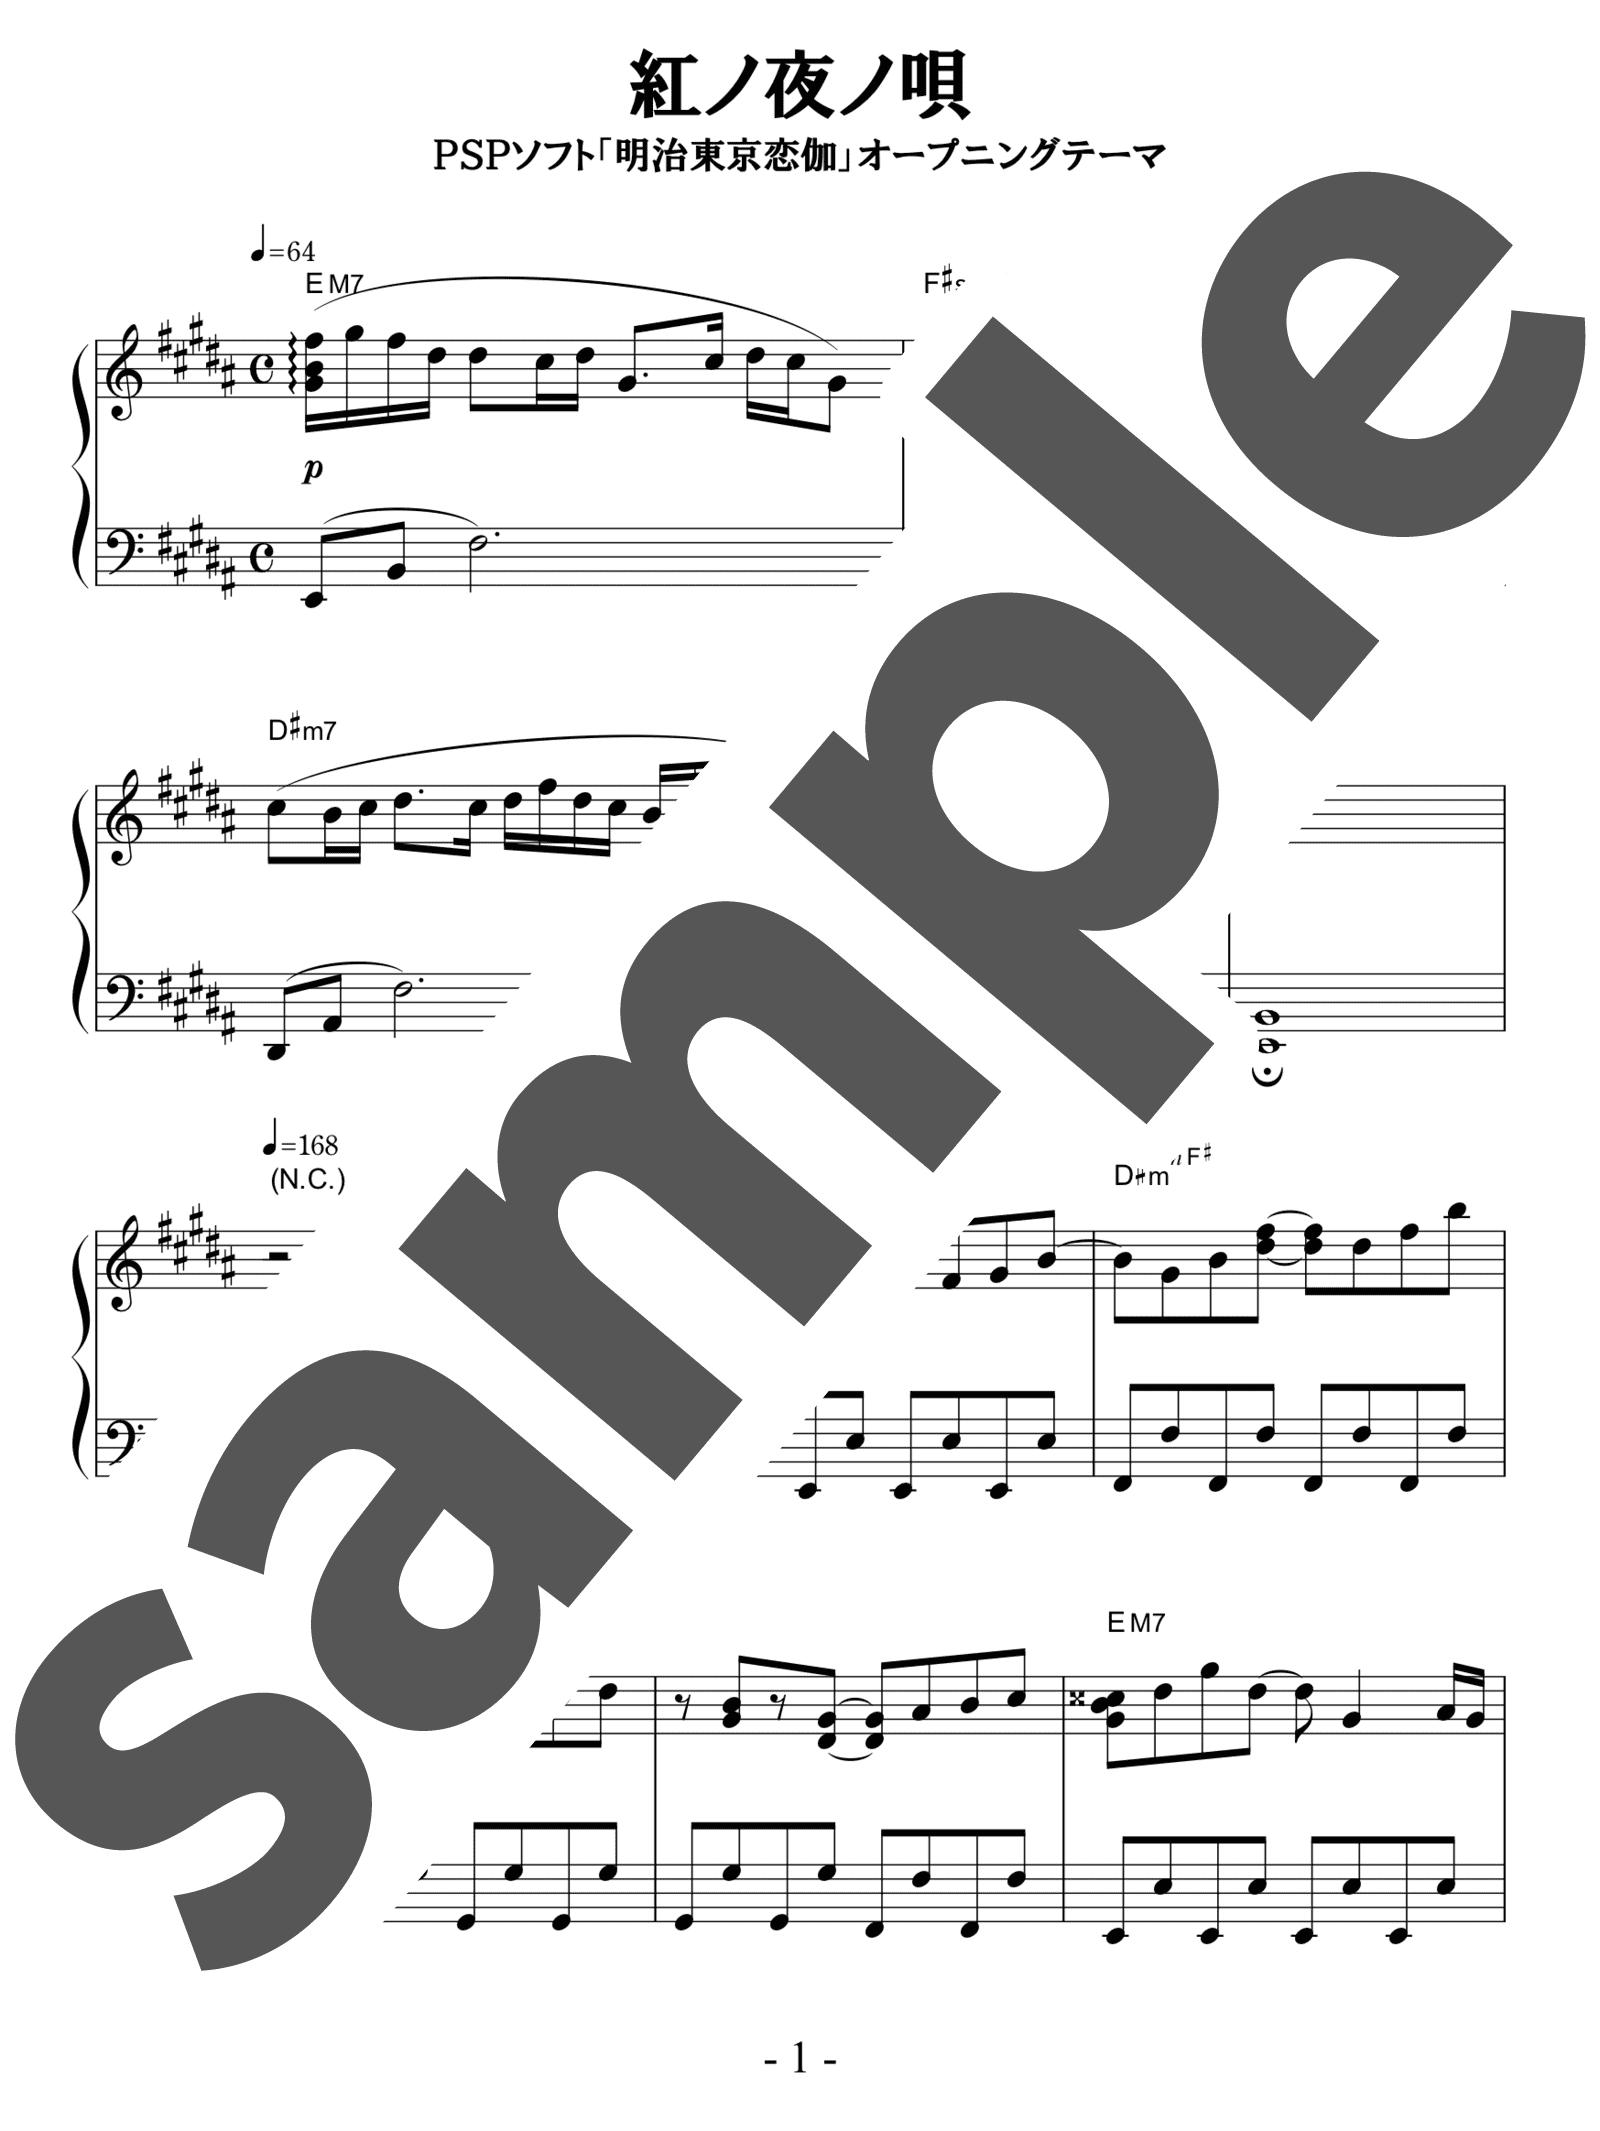 「紅ノ夜ノ唄」のサンプル楽譜